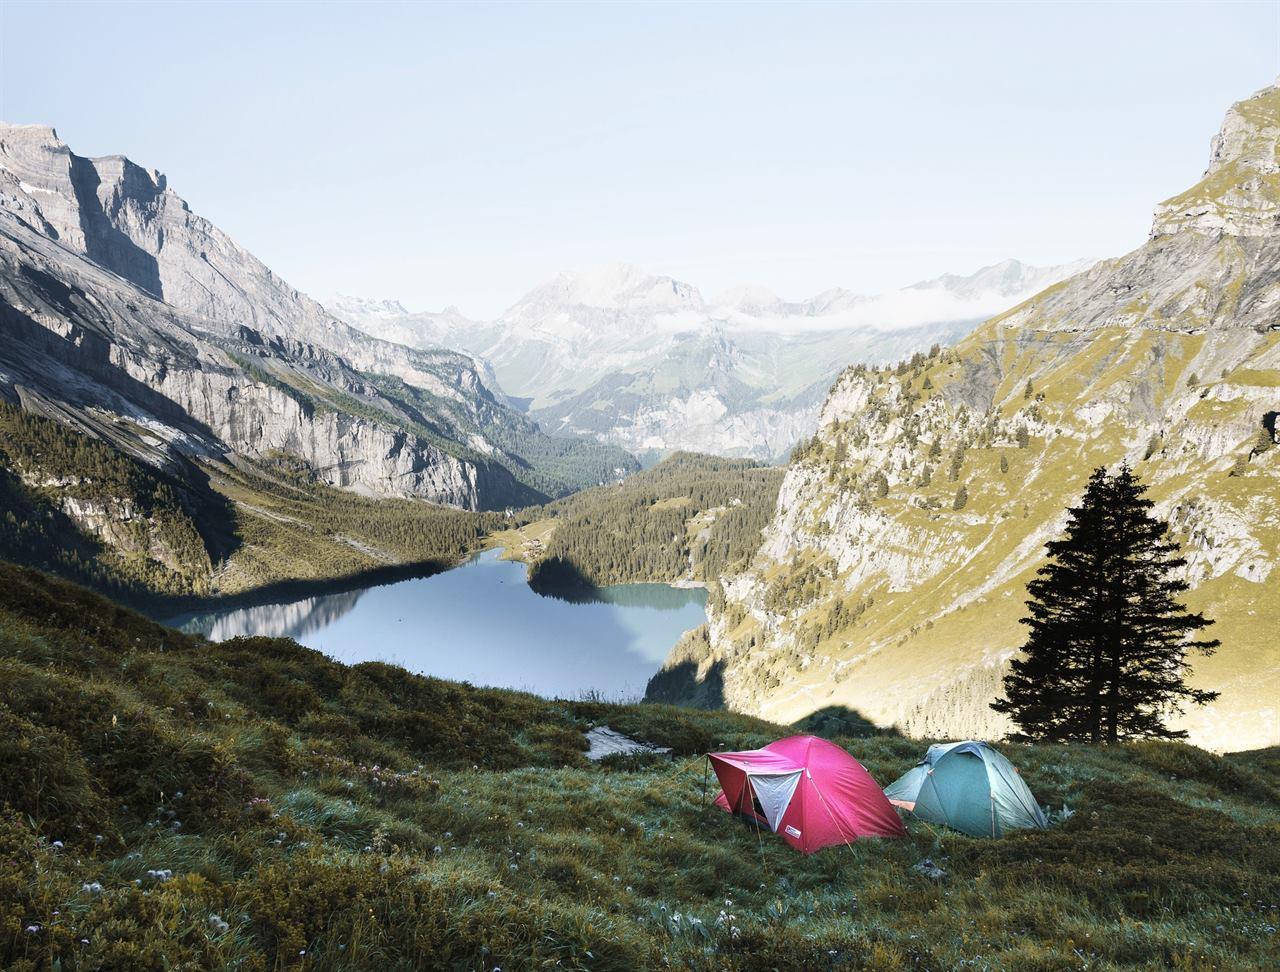 Несколько правил и практических советов для путешествий и туристических походов